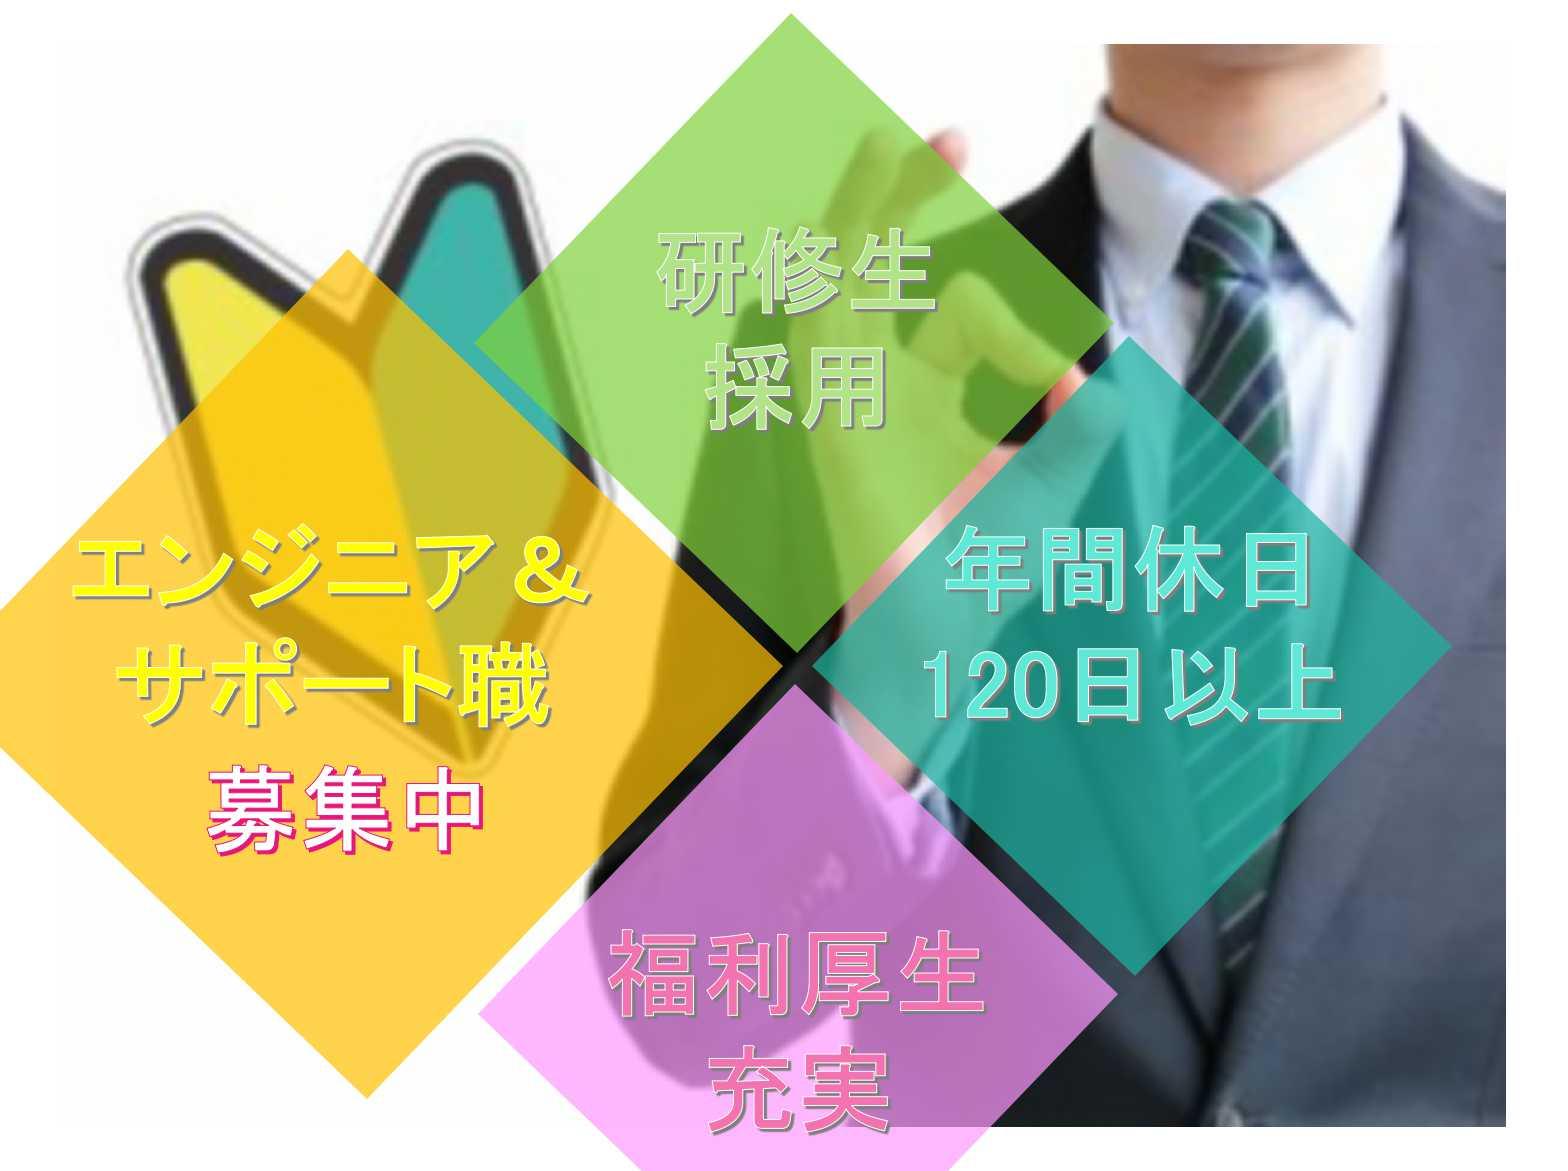 【長野県全域】✤研修生採用✤年間休日120日以上✤エンジニア&サポート職✤正社員募集中✤ イメージ